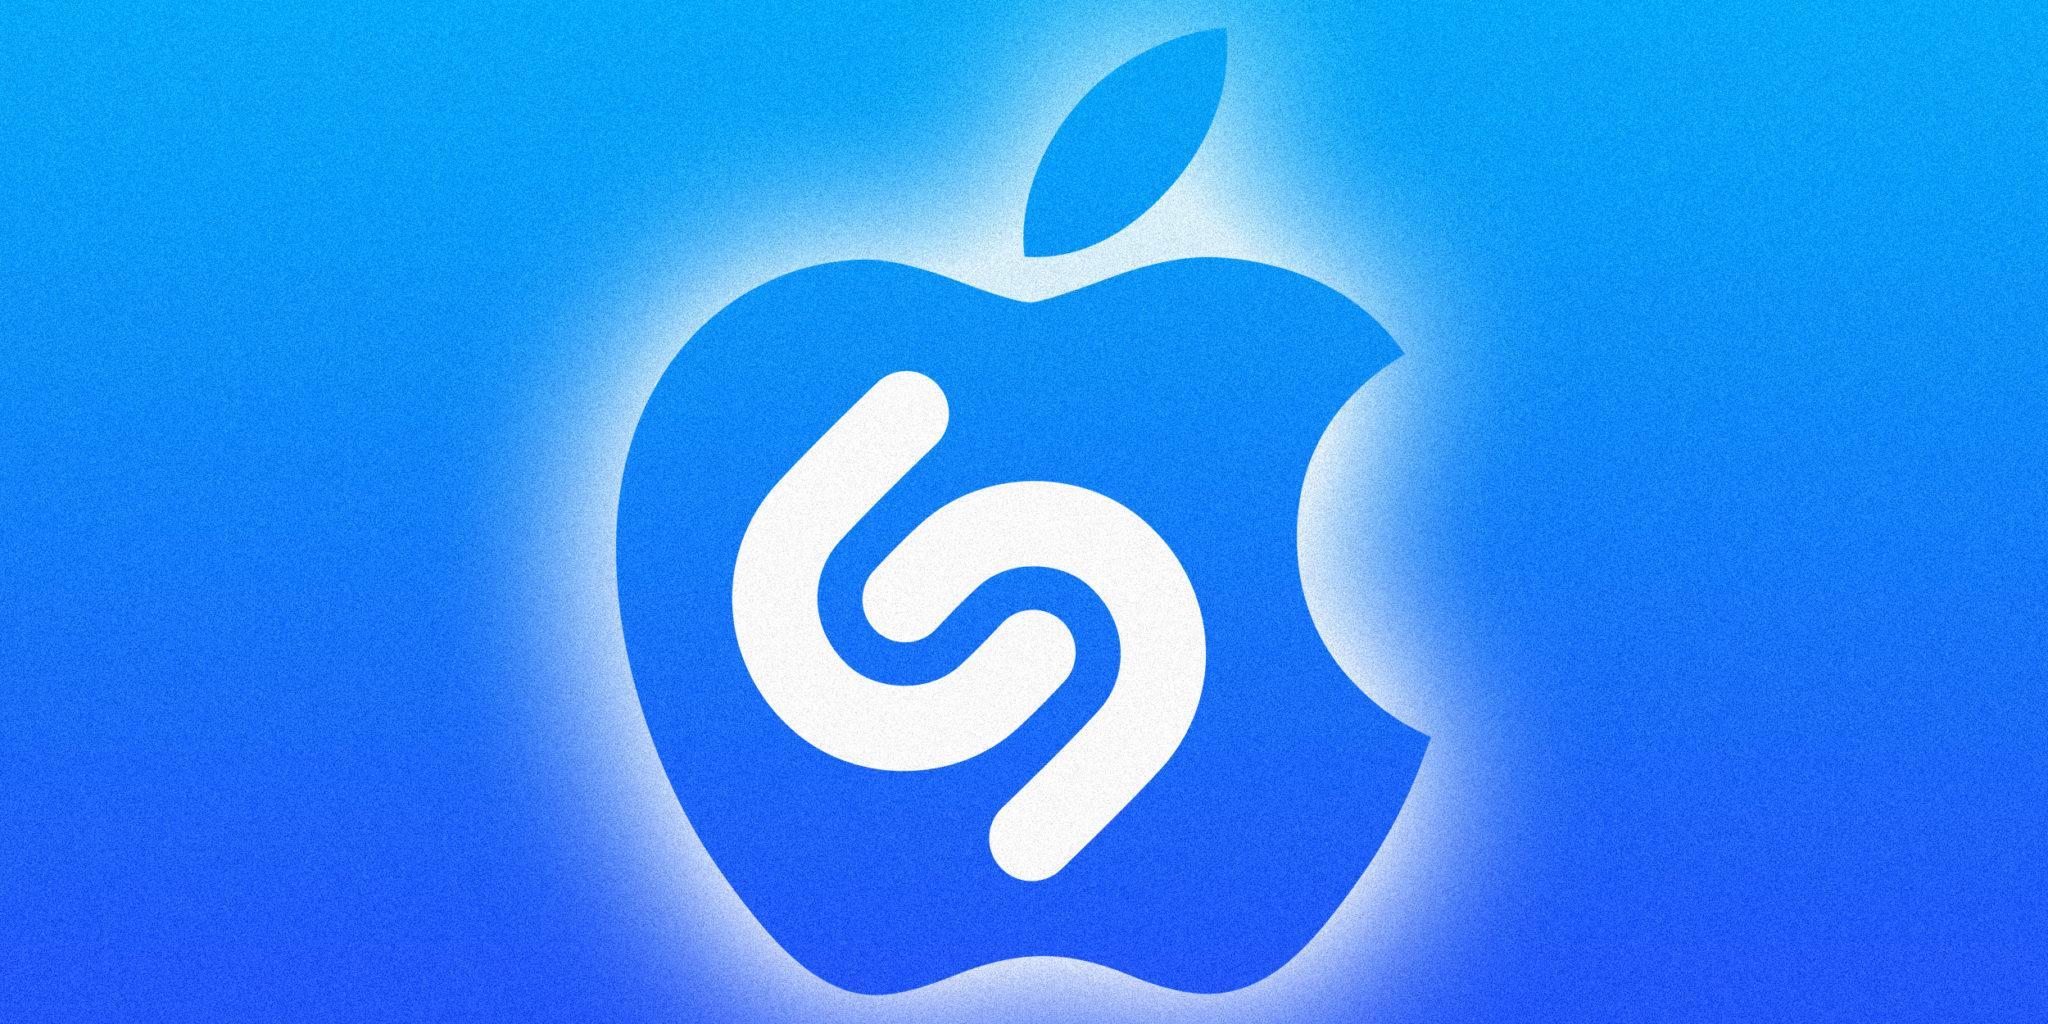 Logos de Shazam y Apple con fondo azul